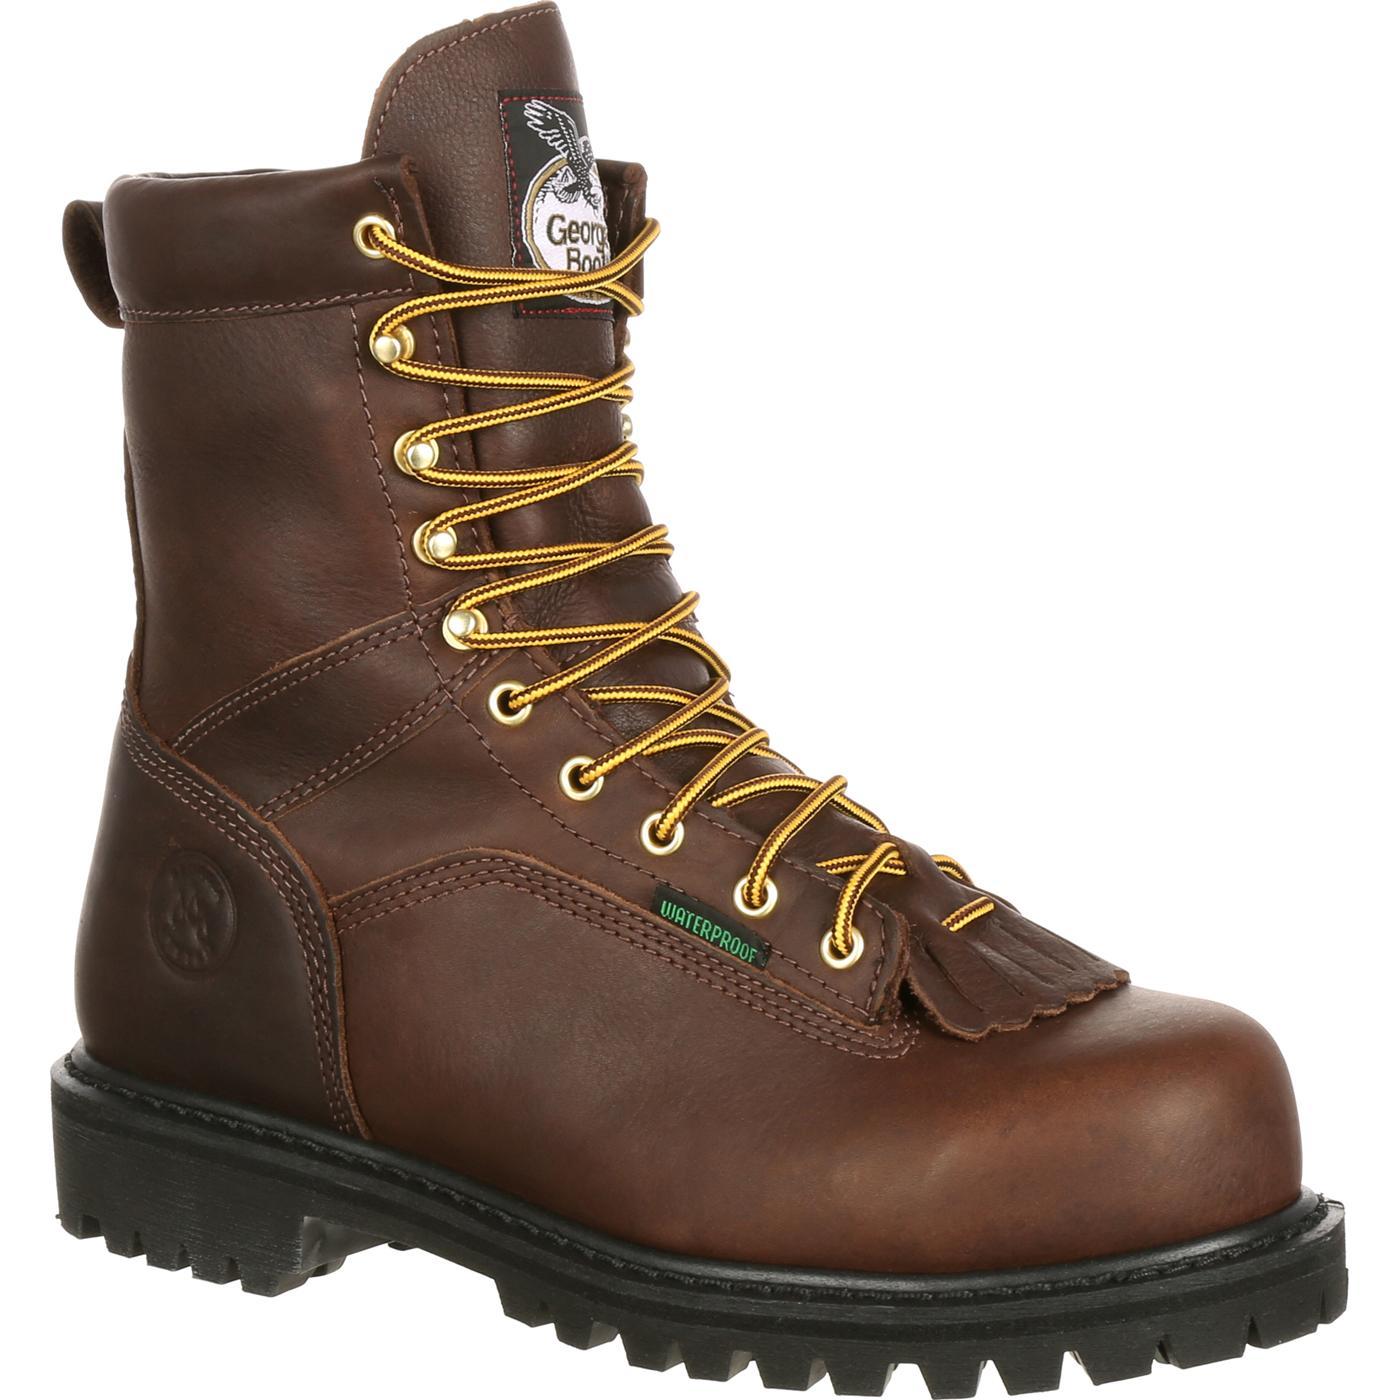 Georgia Boot Steel Toe Waterproof Work Boot, style G8341